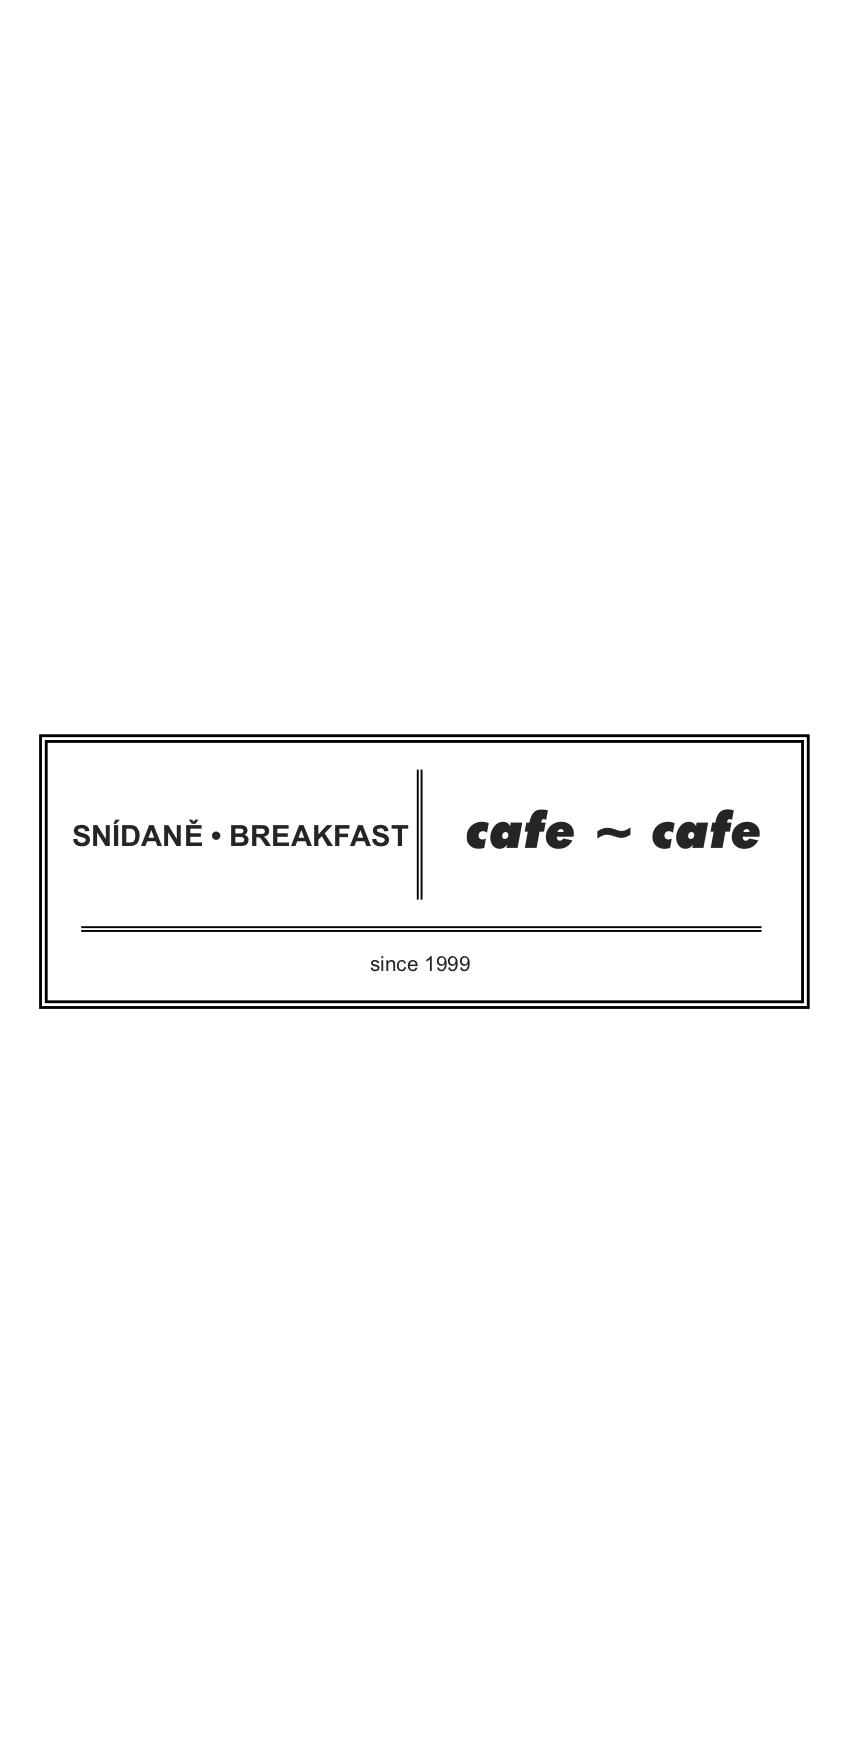 snídaně-nové 5.2.jpg